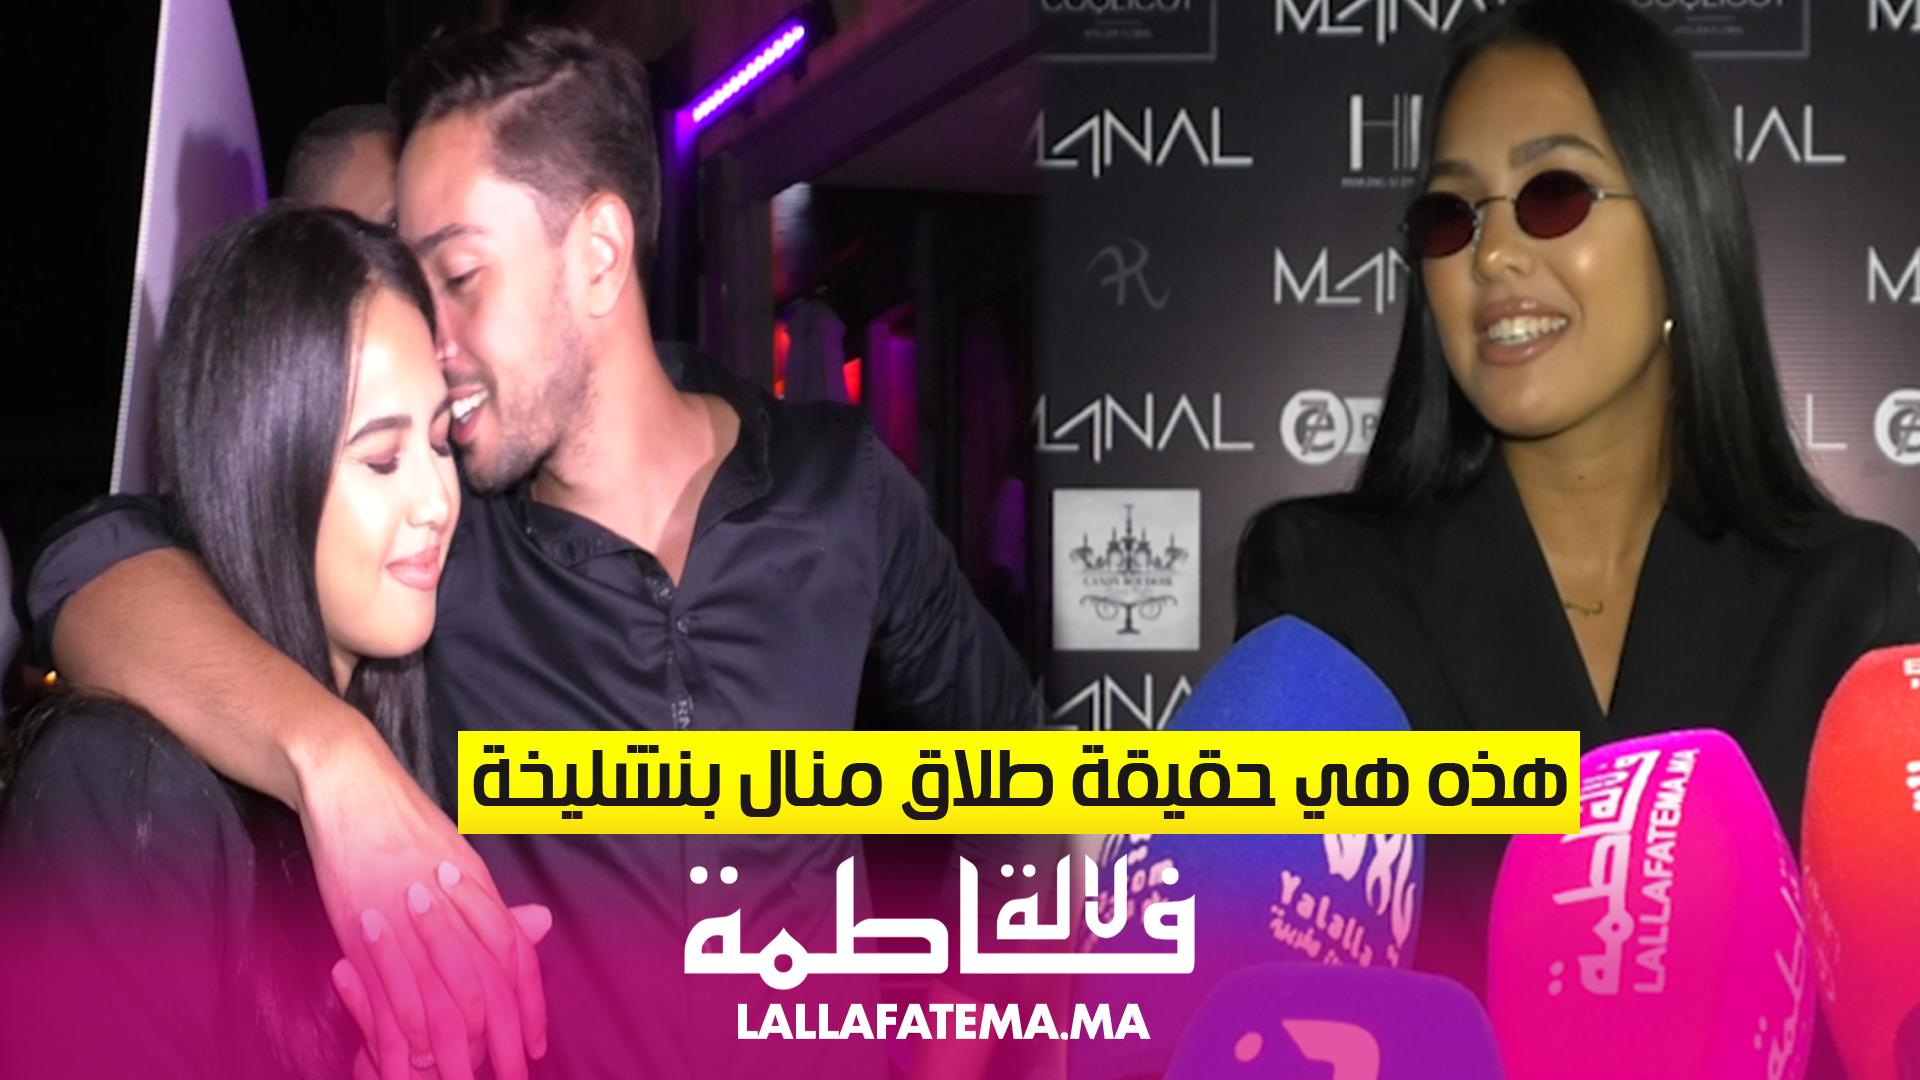 """منال بنشليخة ترد على إشاعات طلاقها وتقول """"حسدونا وبغاو افرقونا"""" وهذه تفاصيل أغنيتها الجديدة"""